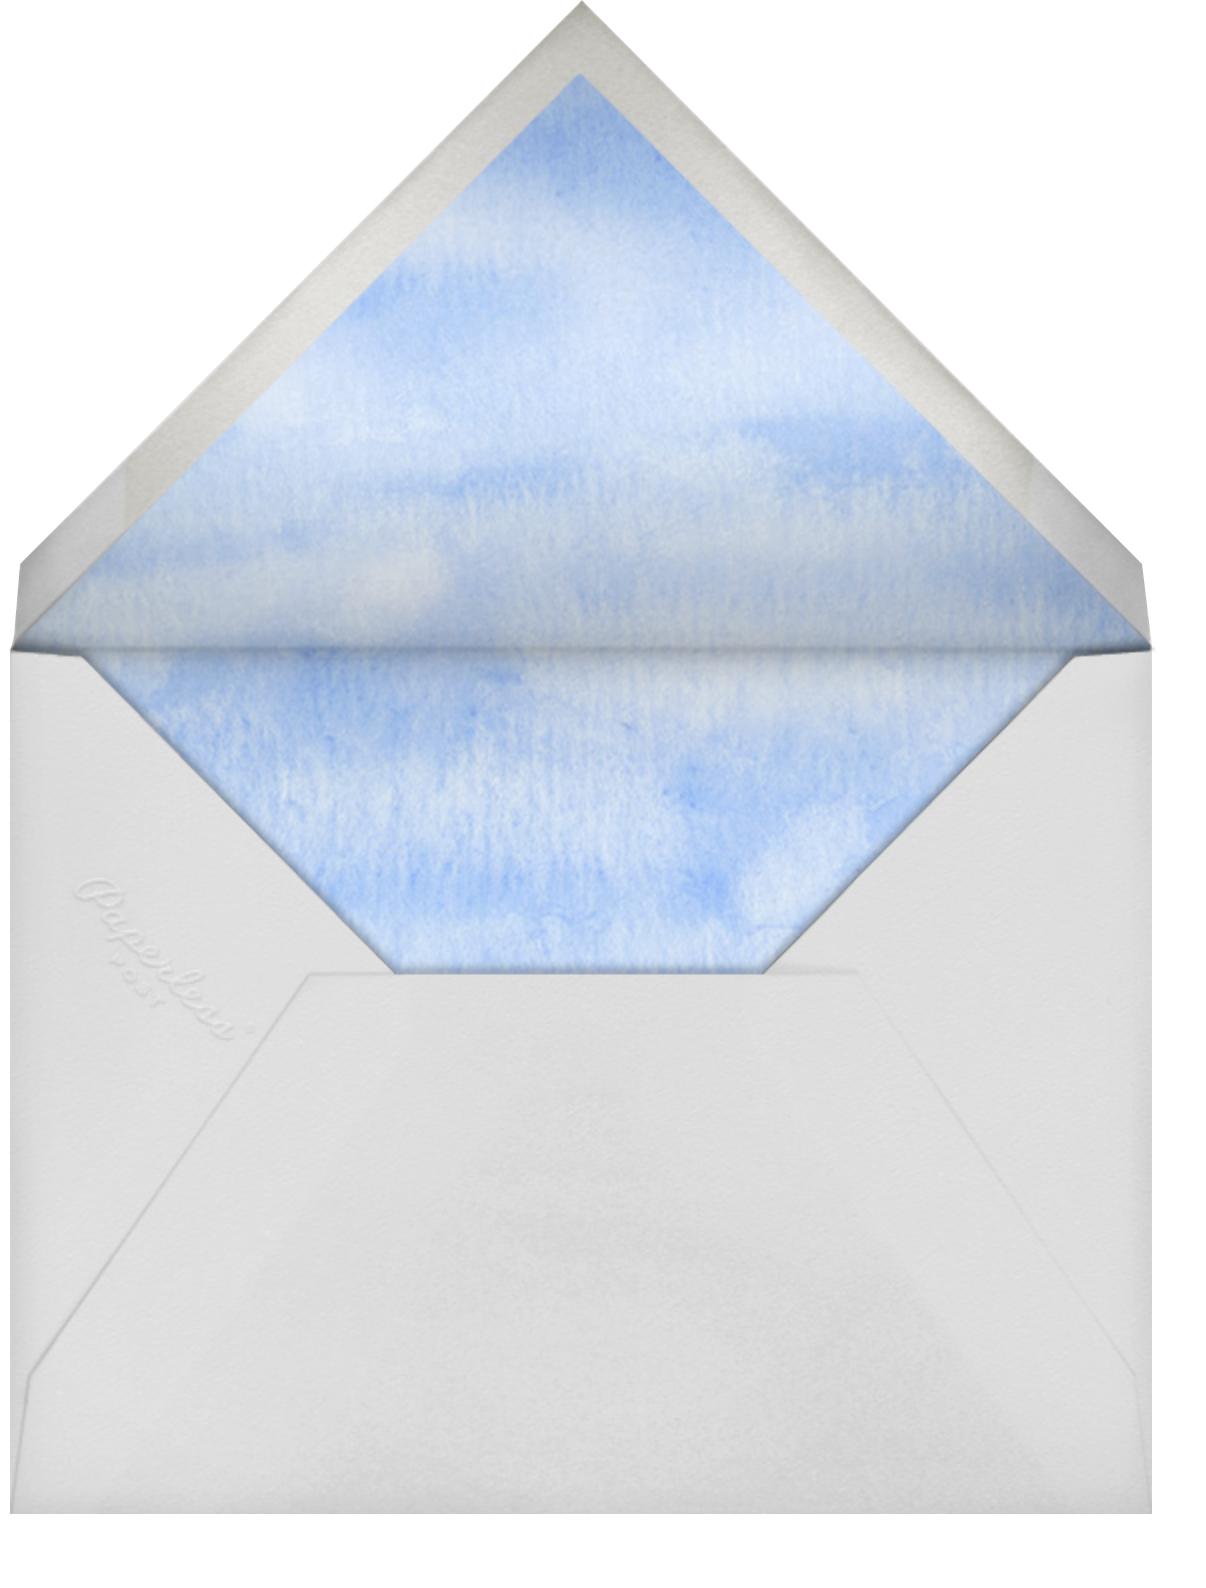 Blue Floral - Paper Source - Printable invitations - envelope back